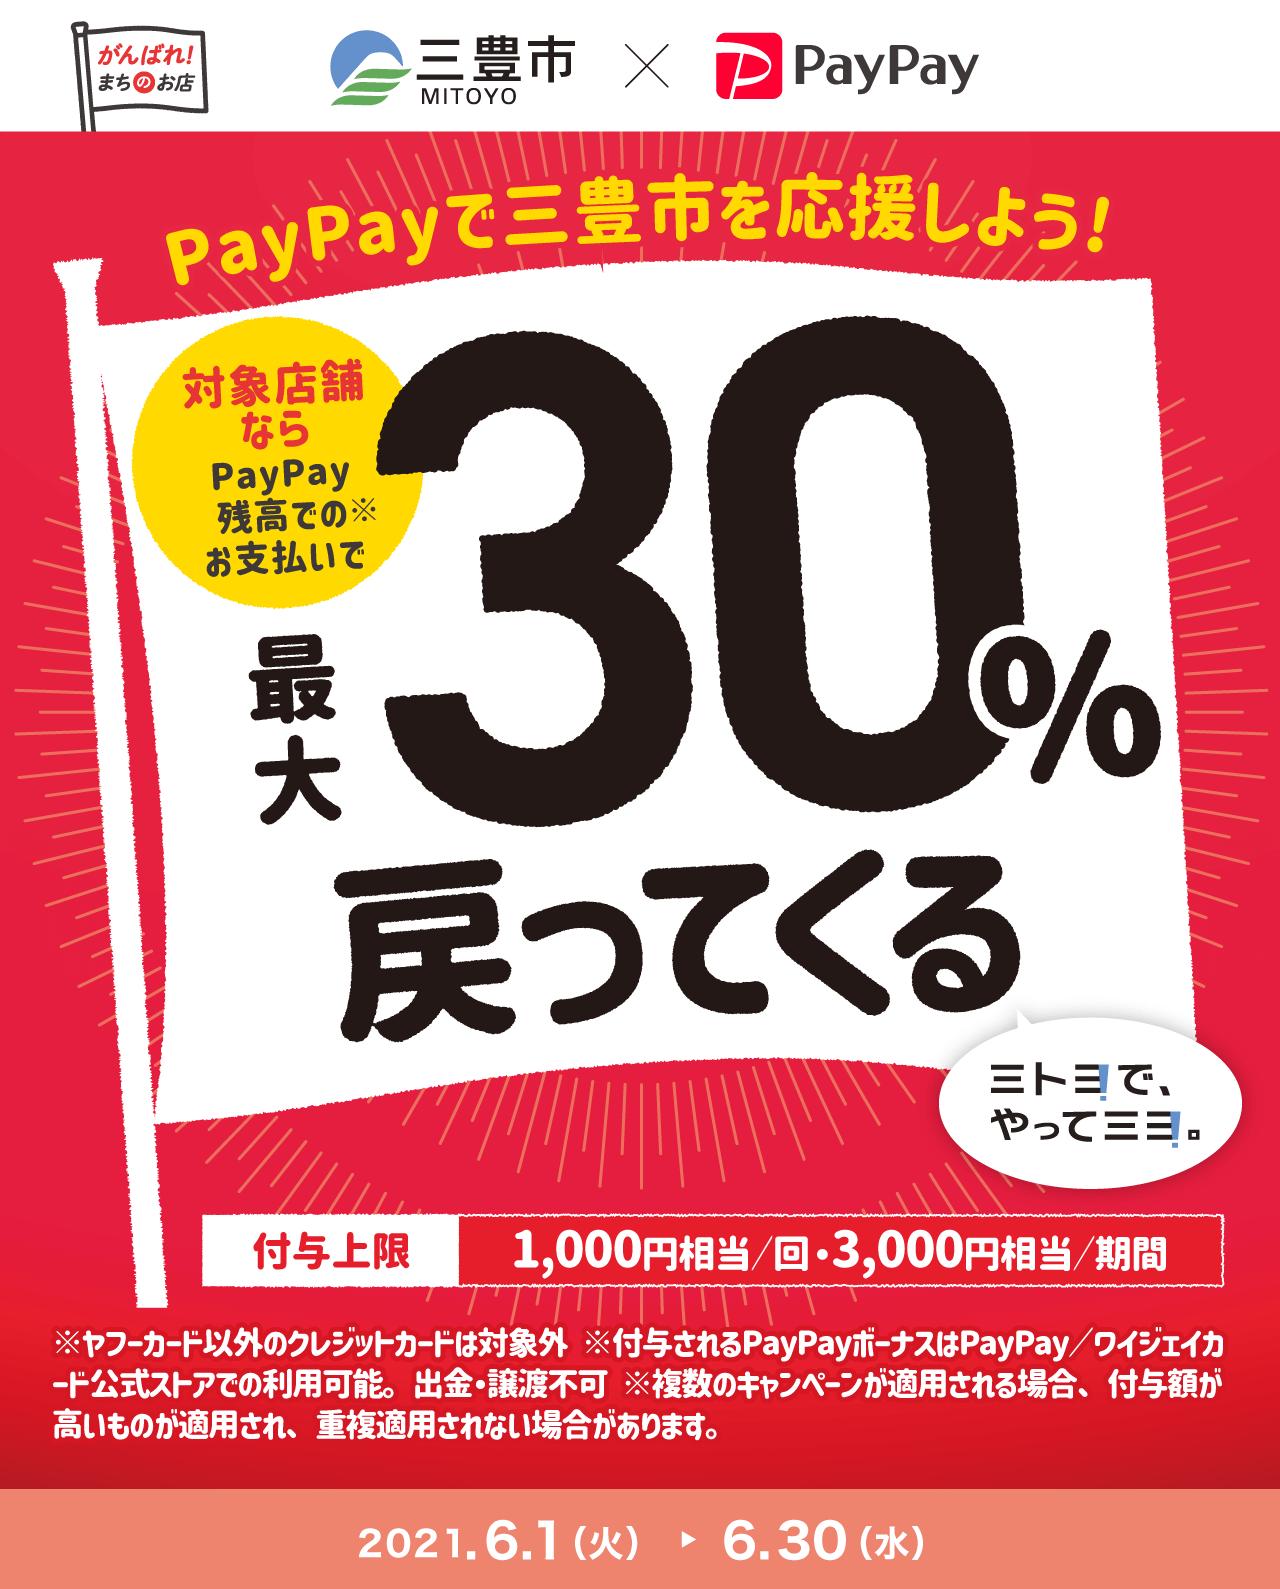 PayPayで三豊市を応援しよう! 対象店舗ならPayPay残高でのお支払いで最大30%戻ってくる